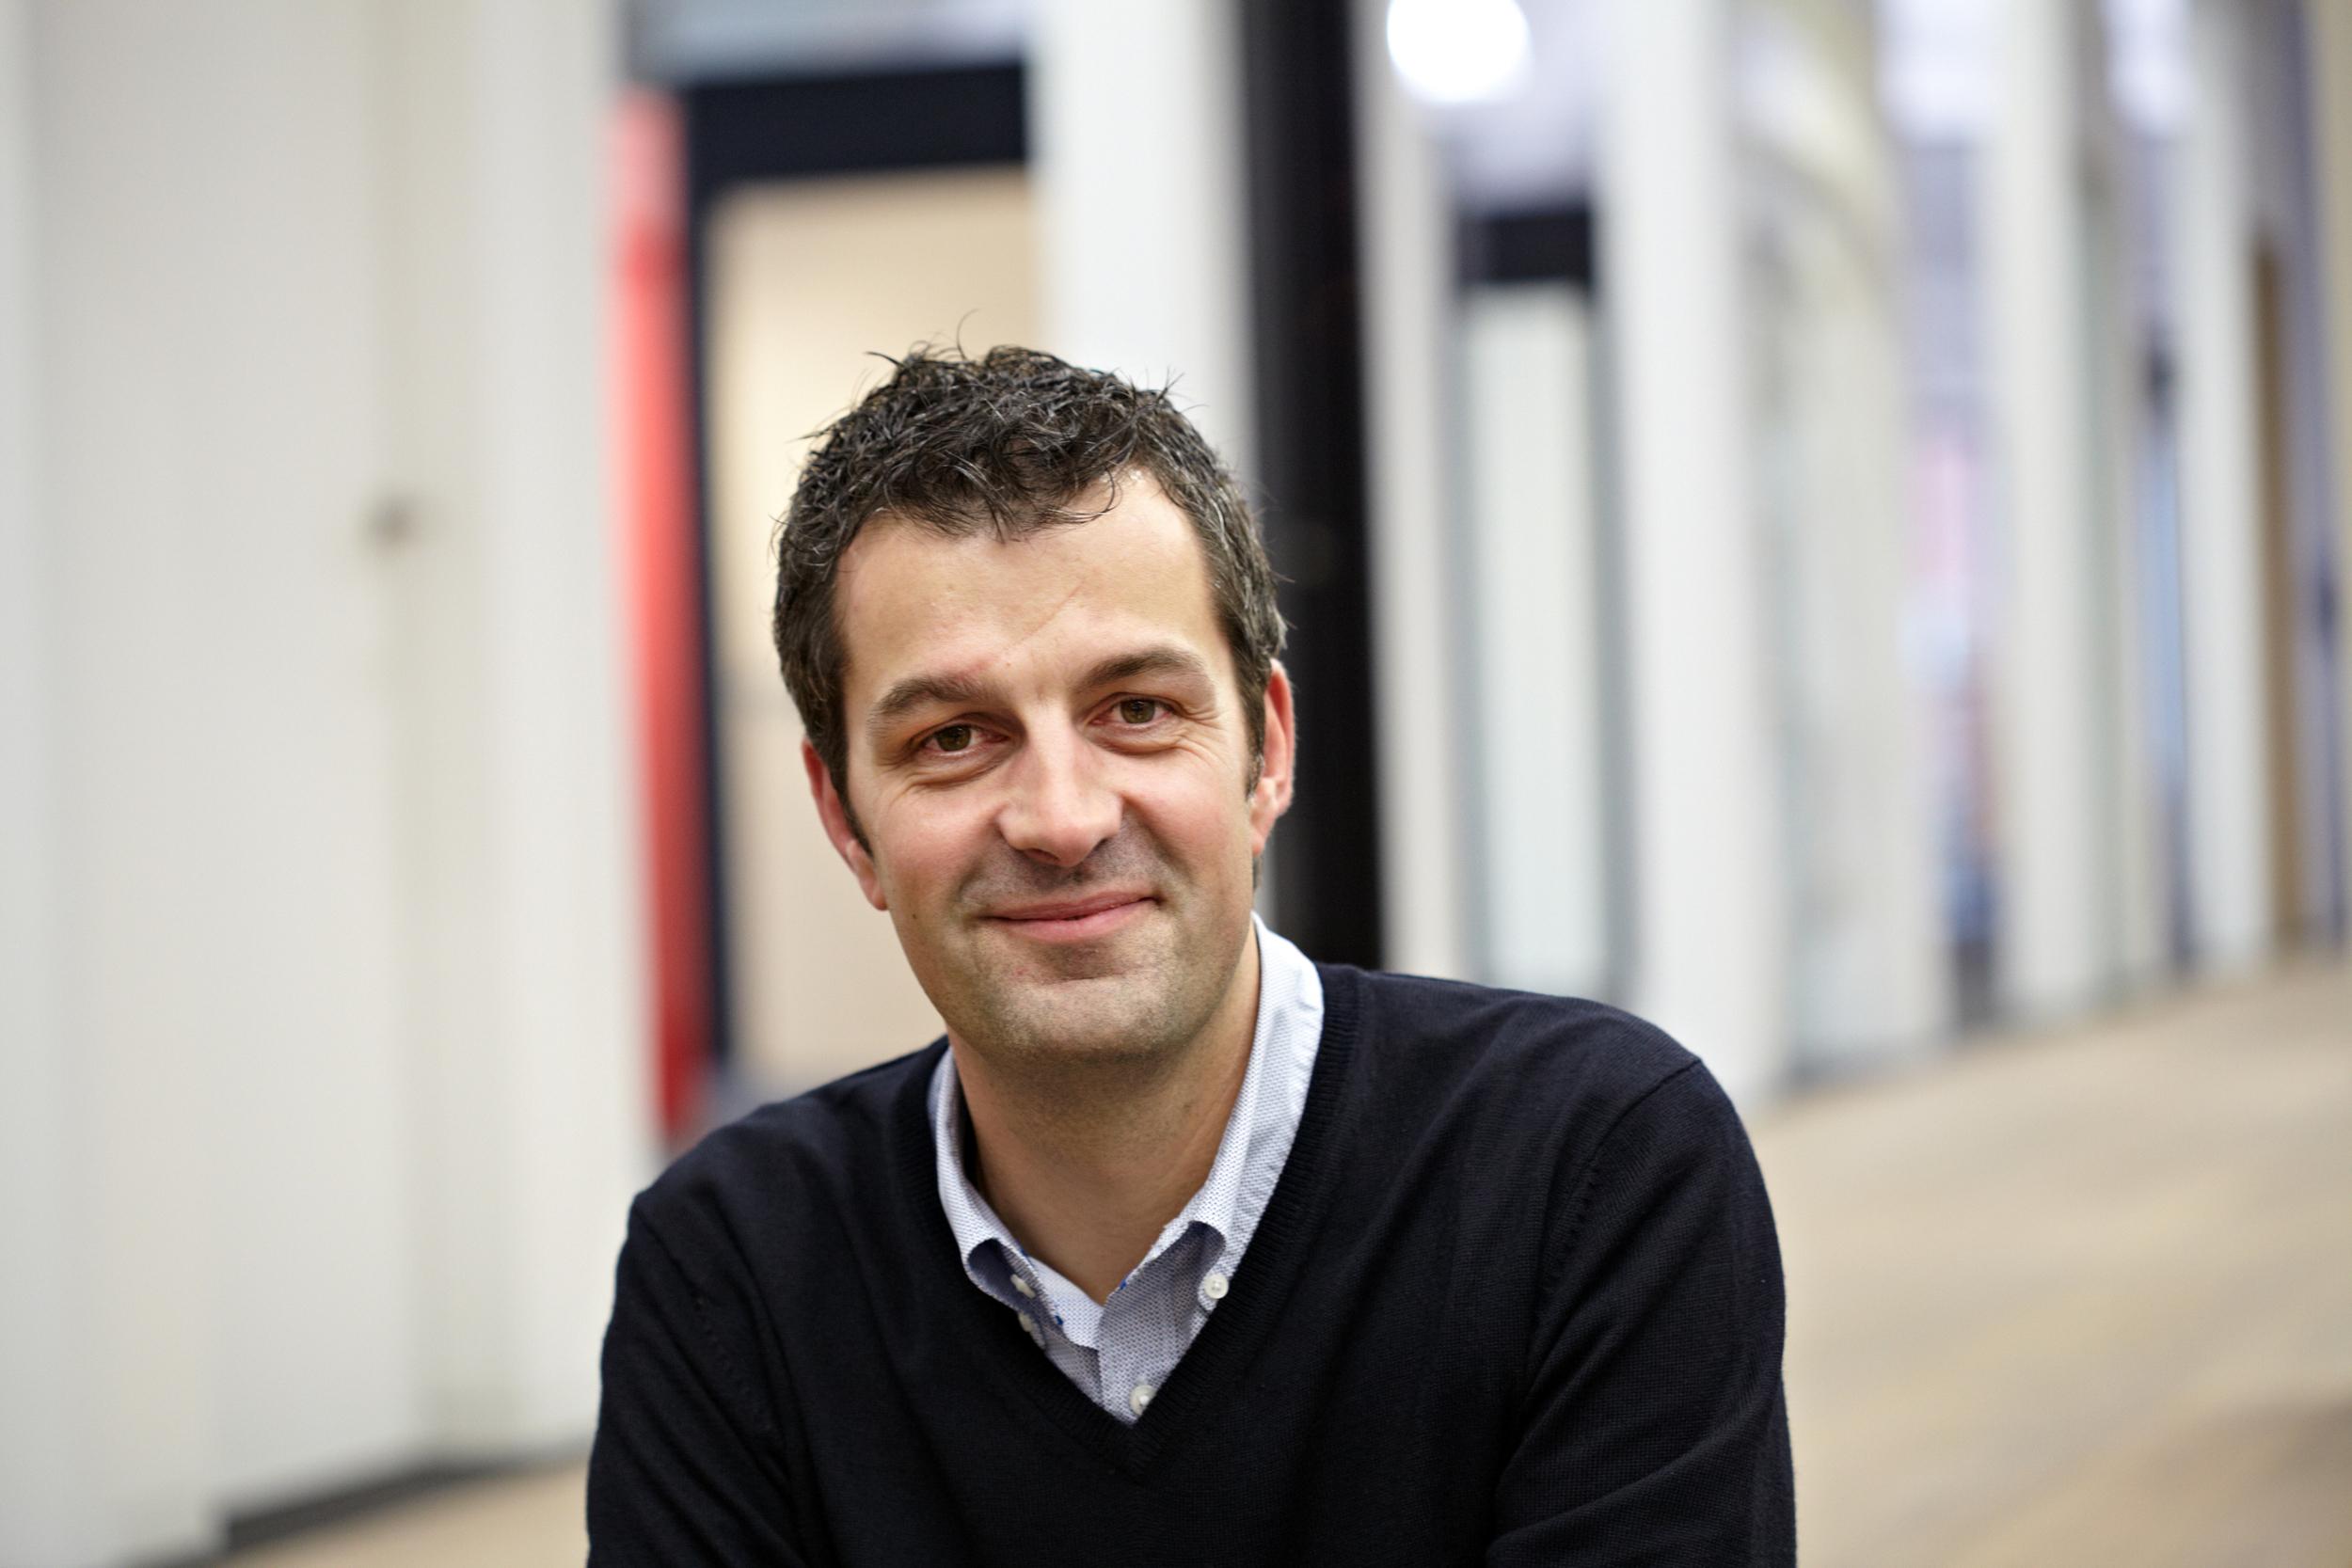 Pete Hoffmann, CEO of Hoffmann Frères in Mersch